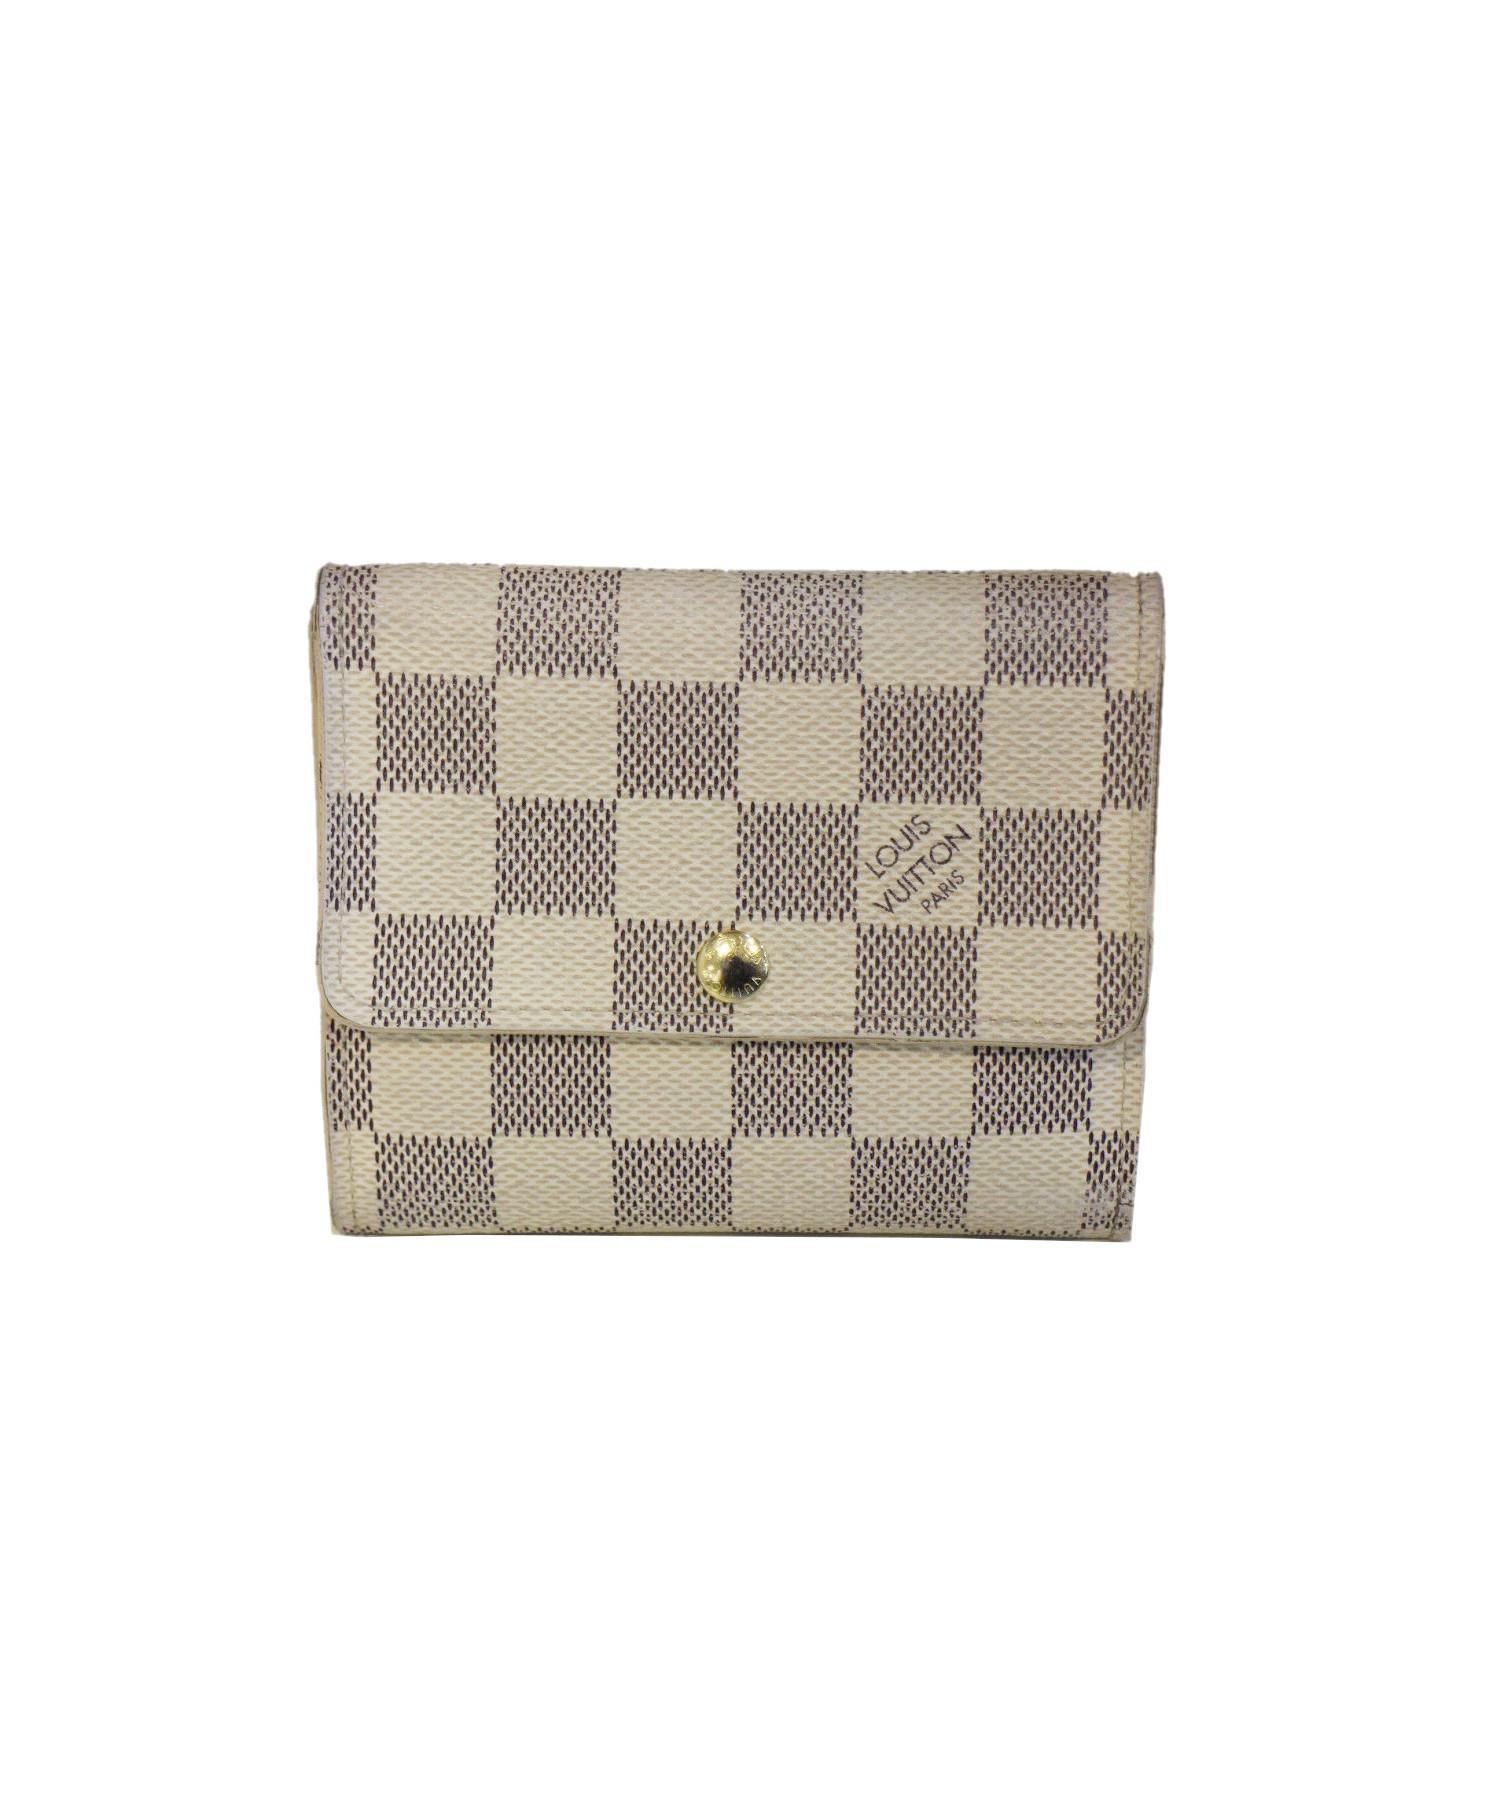 new styles 8b139 993e8 [中古]LOUIS VUITTON(ルイヴィトン)のレディース 服飾小物 財布